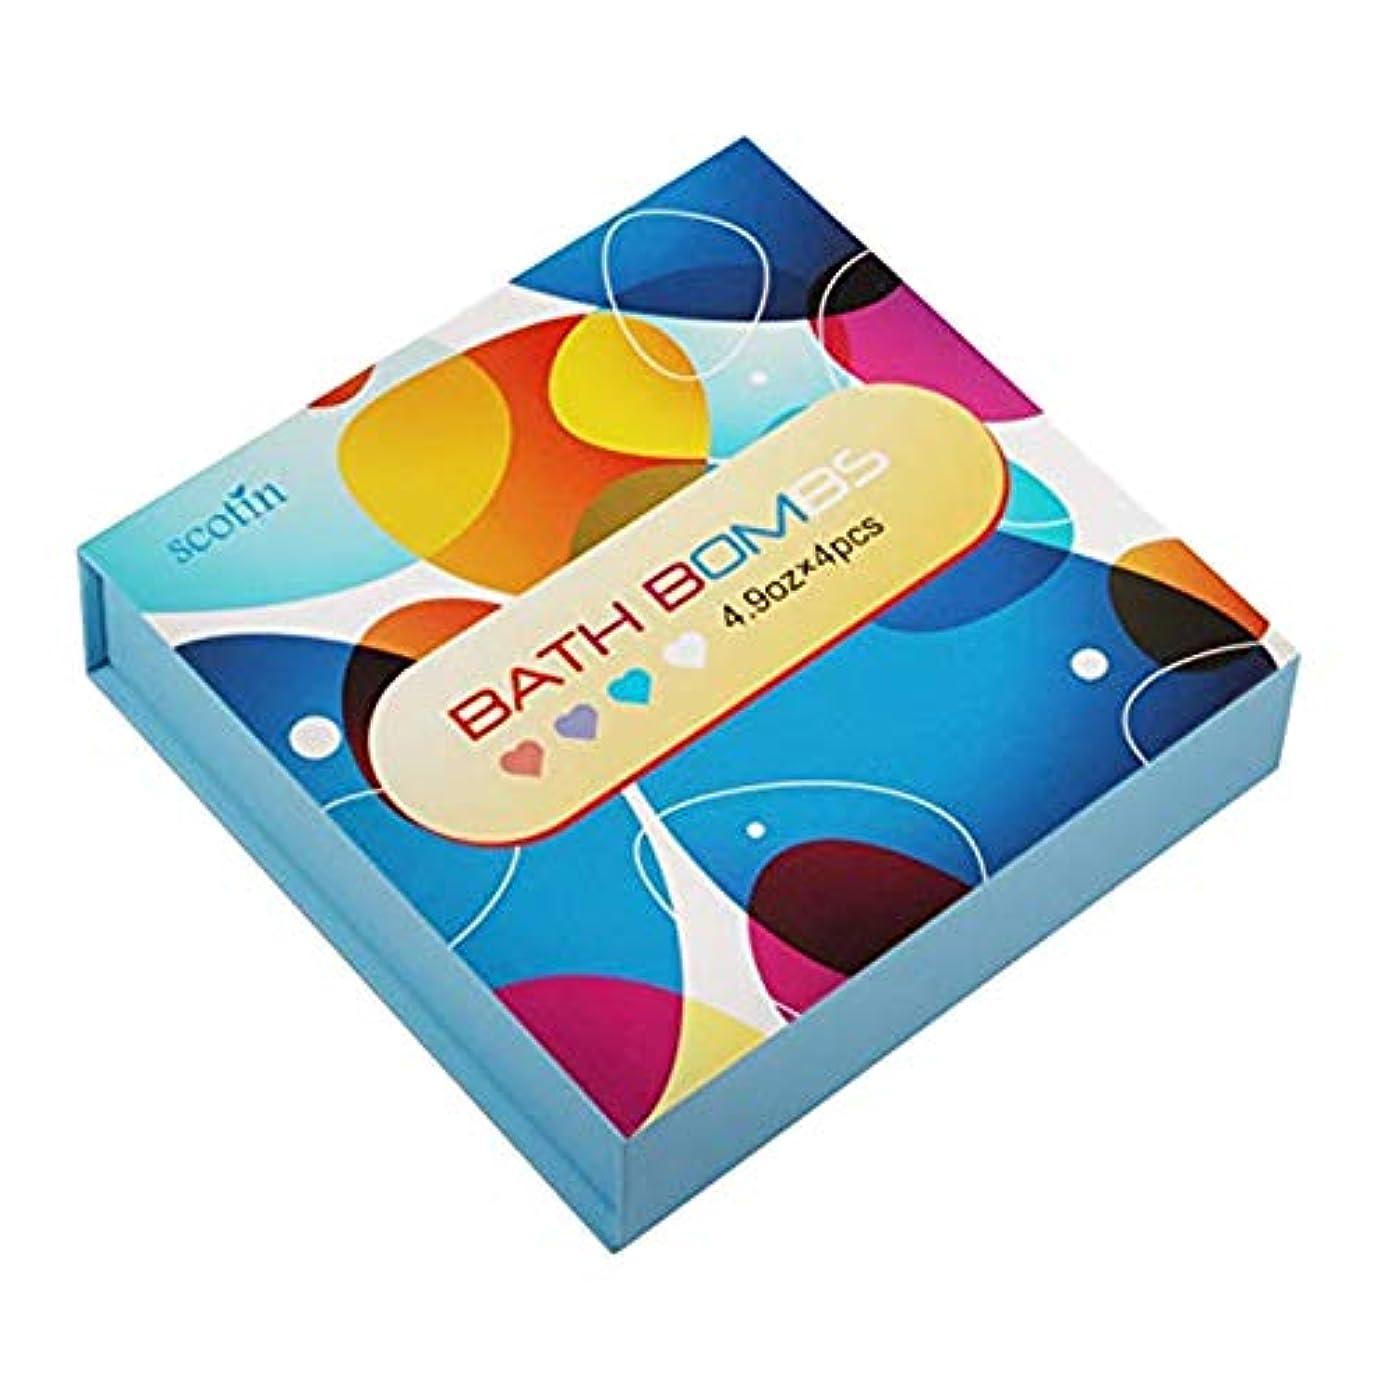 ソファーシエスタパッケージTOOGOO バスボール?ギフトセット-女性のための 4つのハート型 手作り-パーフェクト バブル&スパバス用-乾燥肌を保湿するためのエッセンシャルオイルとフレグランスオイル